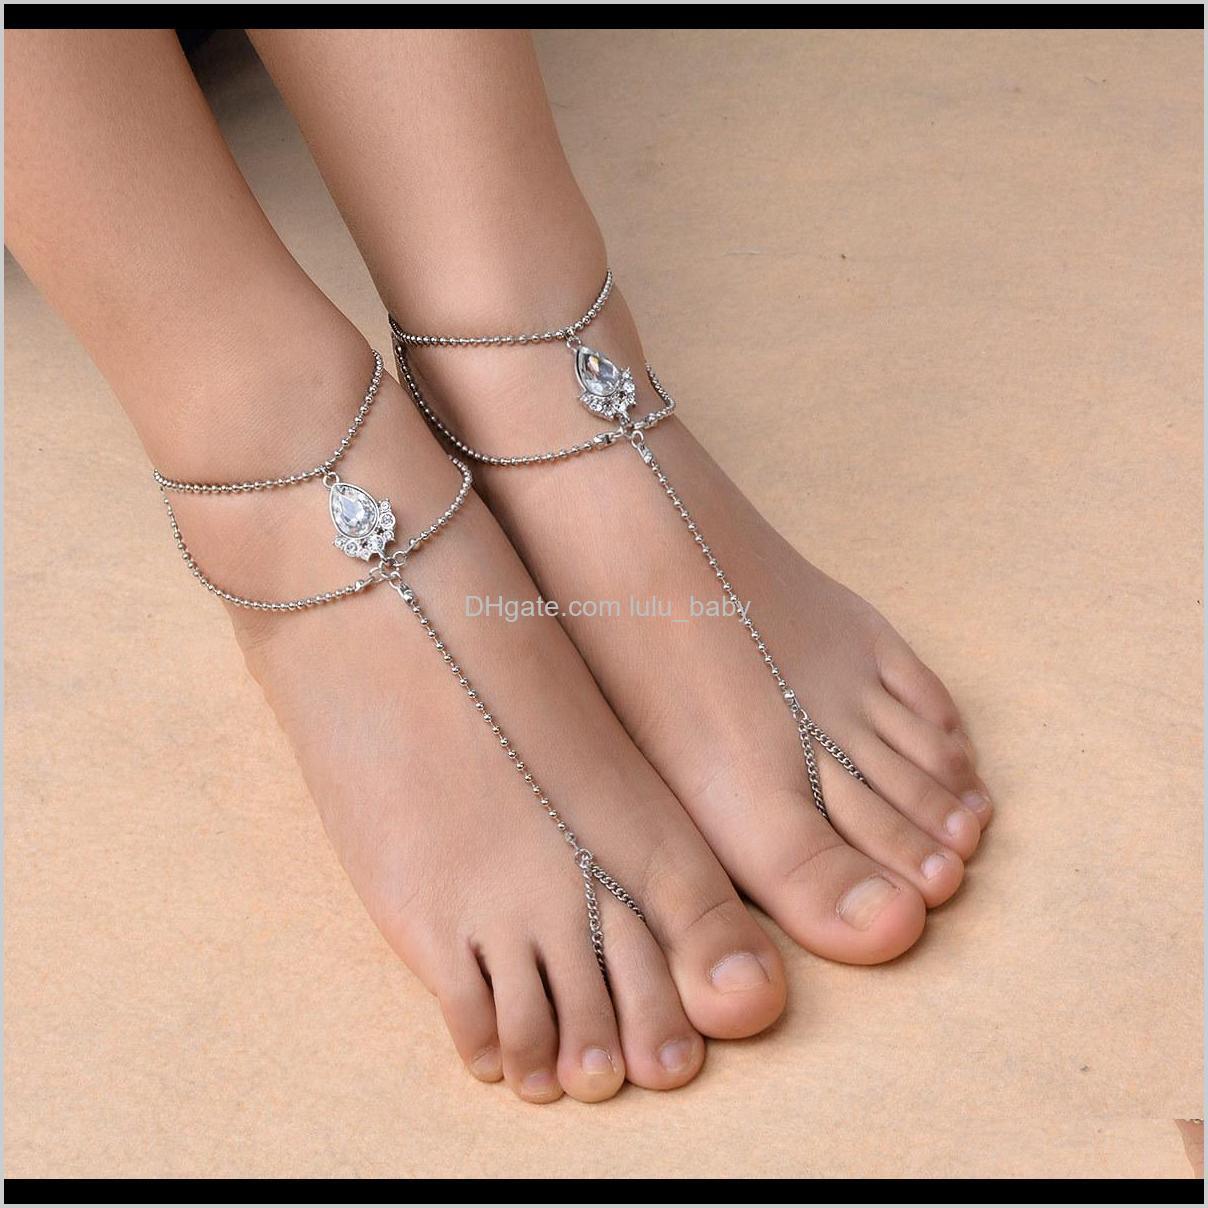 1pc Boemia Elegante sandali a piedi nudi con toe anello anklet braccialetto catena spiaggia gioielli da sposa per donna e ragazze GSJ7K Wadyg